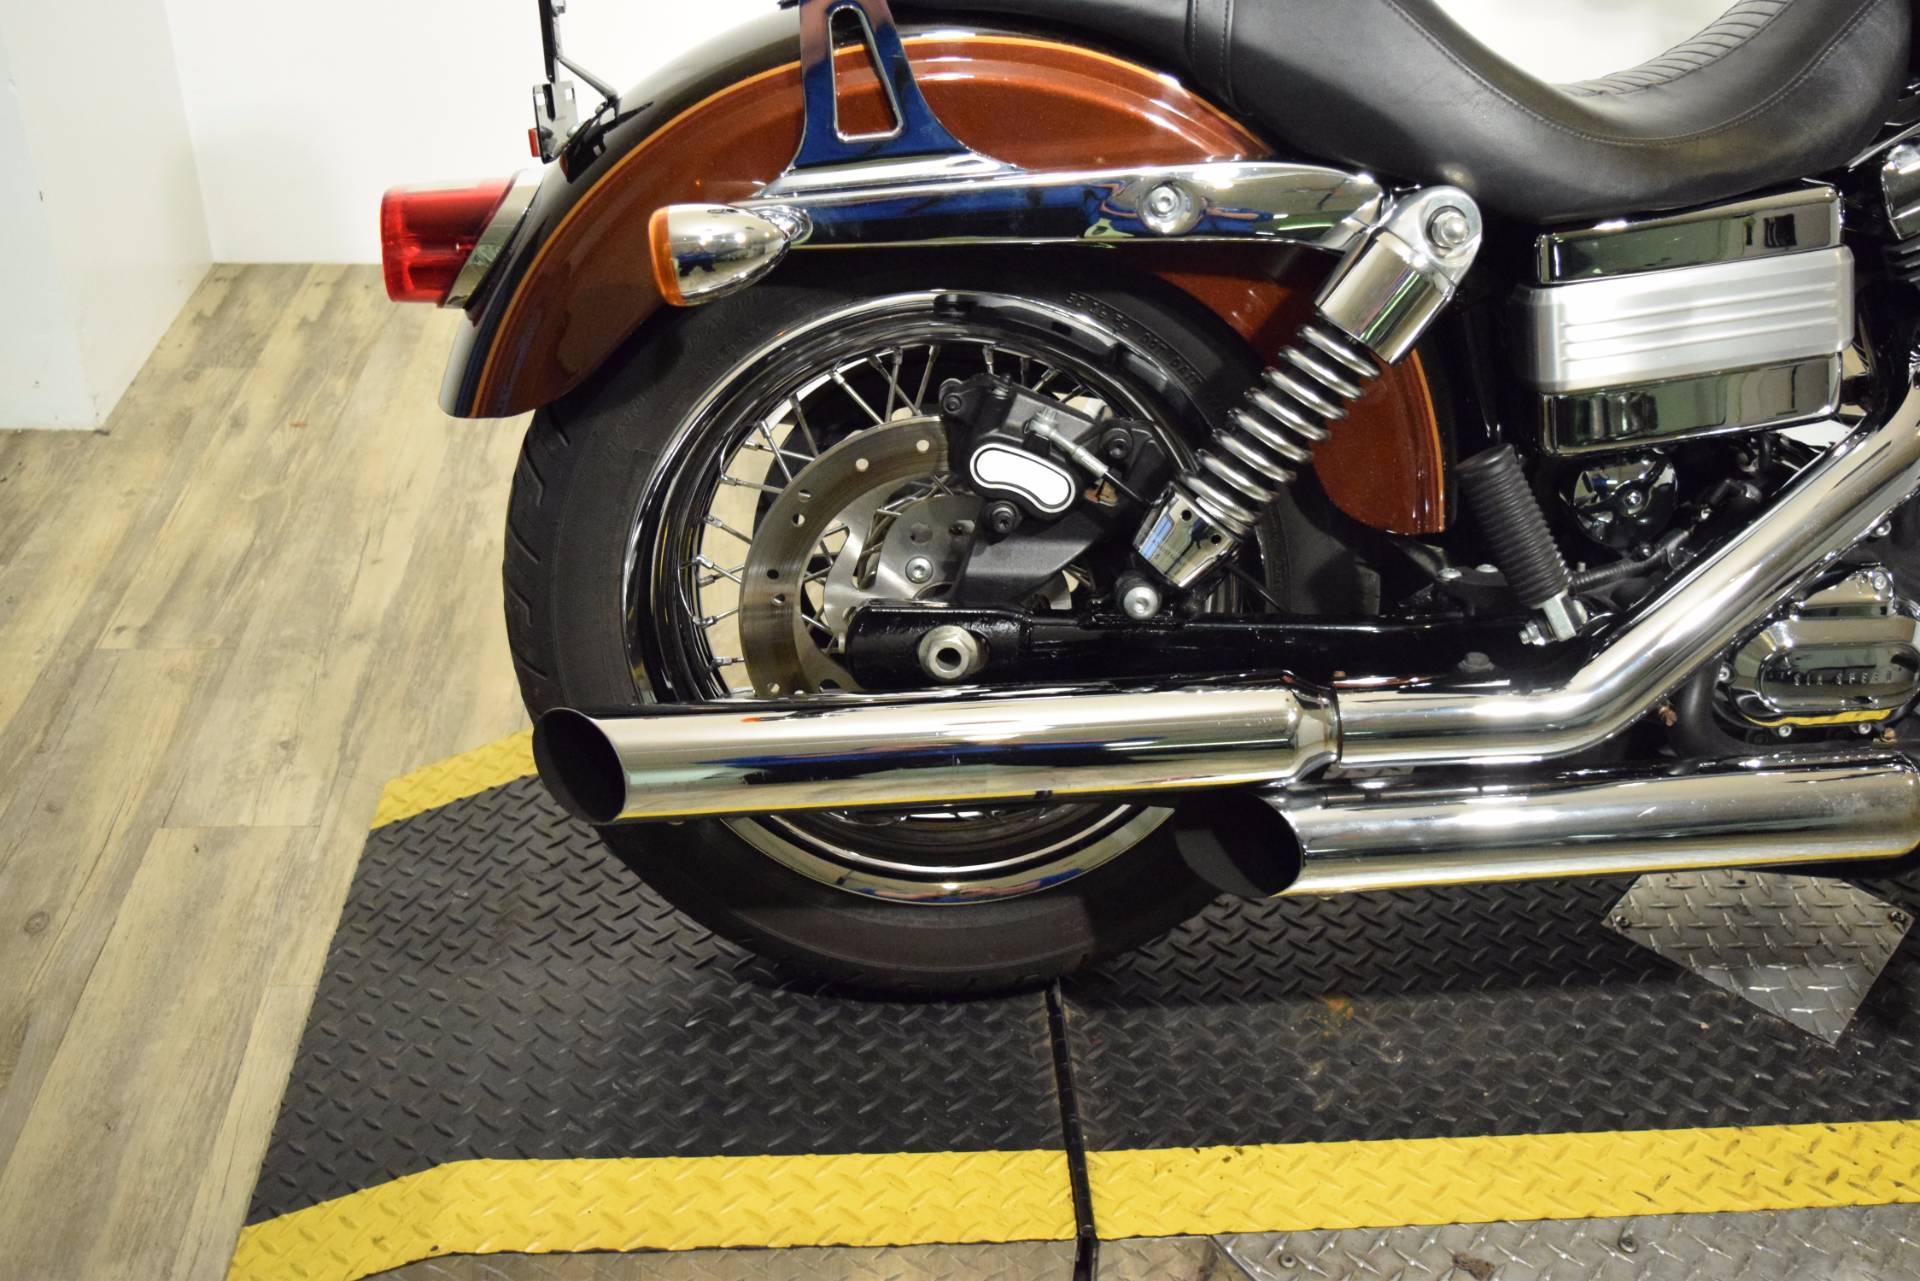 2009 Harley-Davidson Dyna Low Rider 9